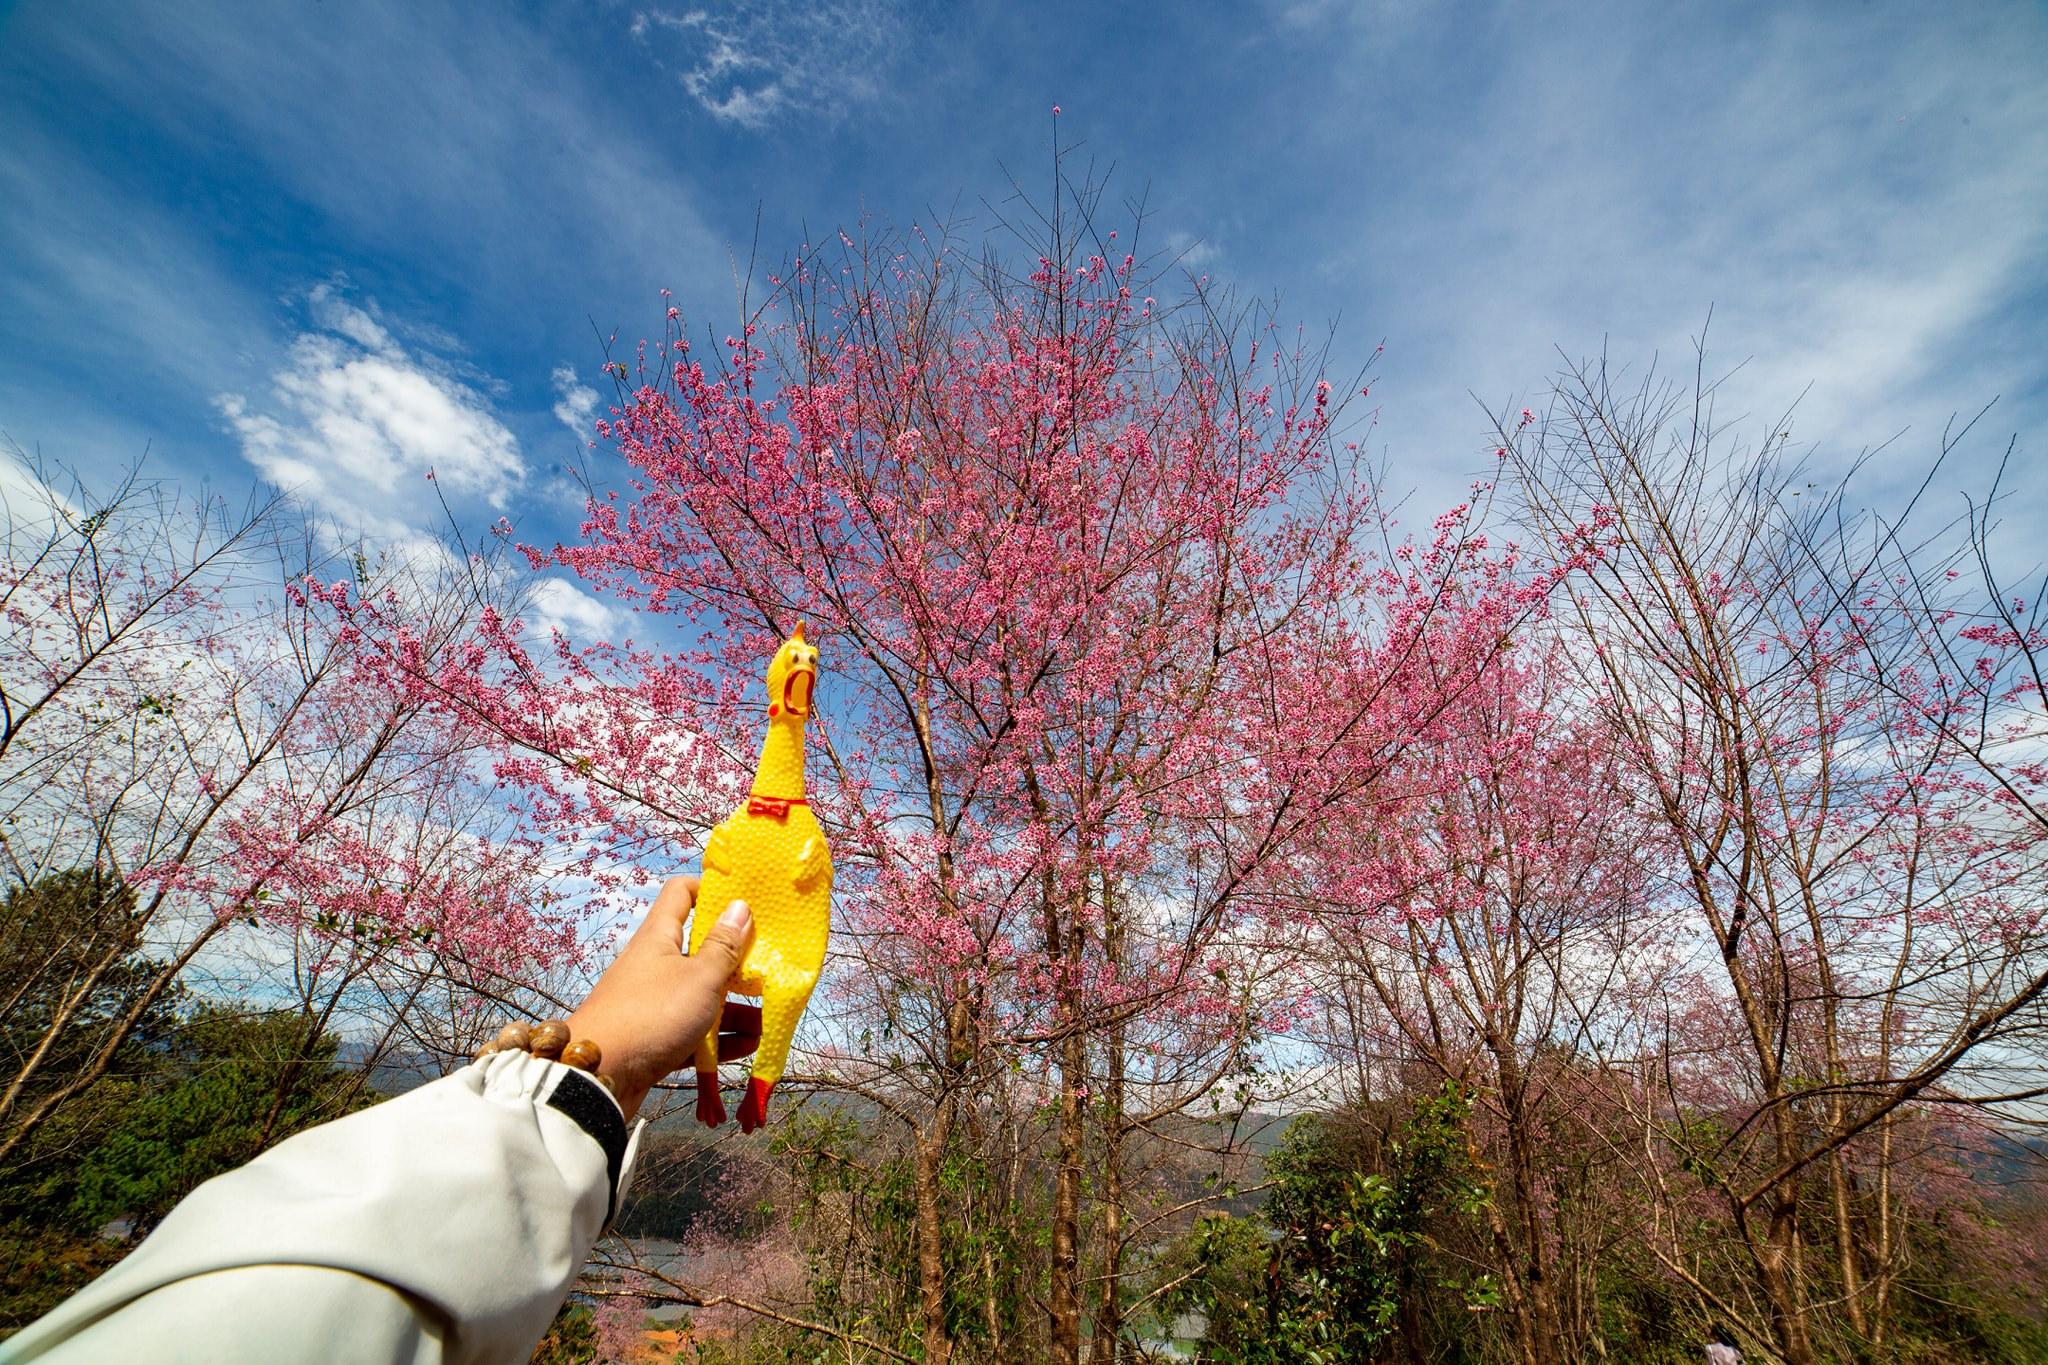 Những địa điểm ngắm hoa nổi tiếng trong mùa mai anh đào ở Đà Lạt  - Ảnh 2.